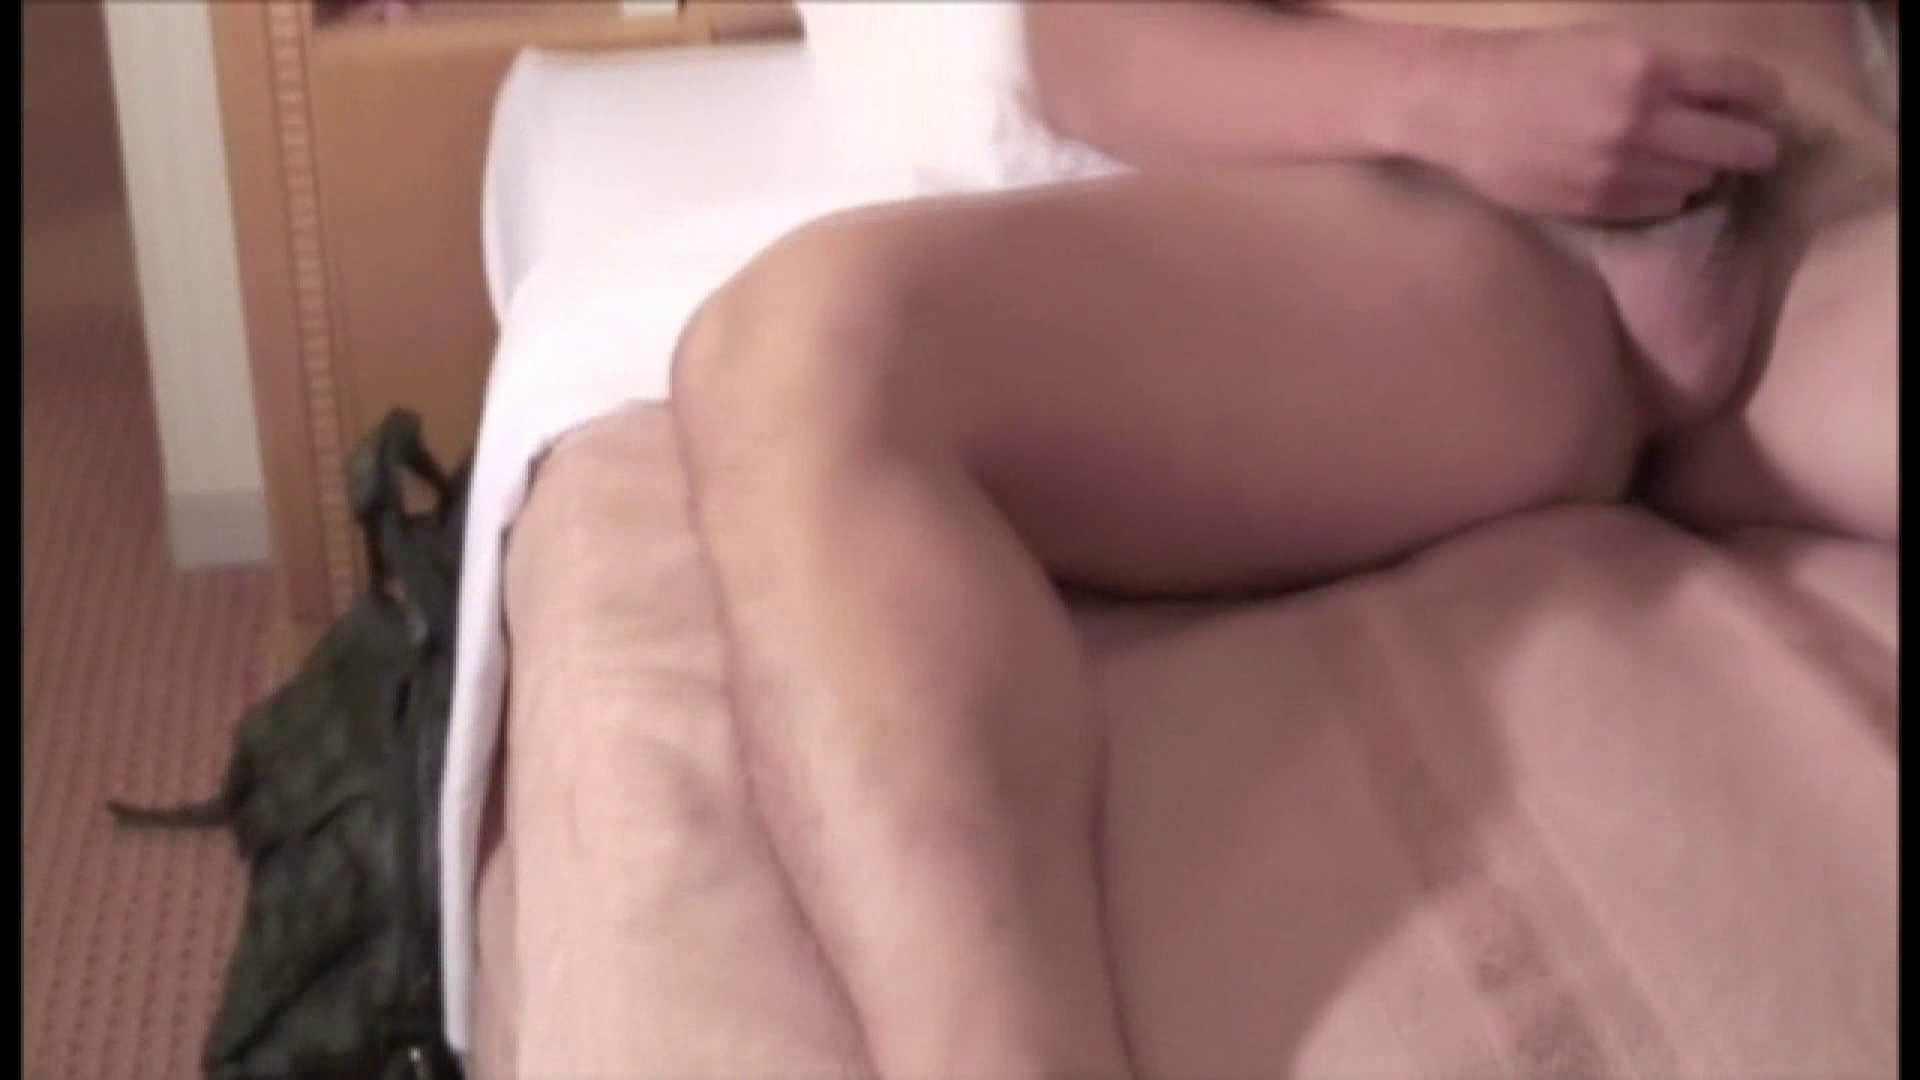 ノンケイケメンの欲望と肉棒 Vol.25 エロ ゲイ無修正動画画像 40連発 19